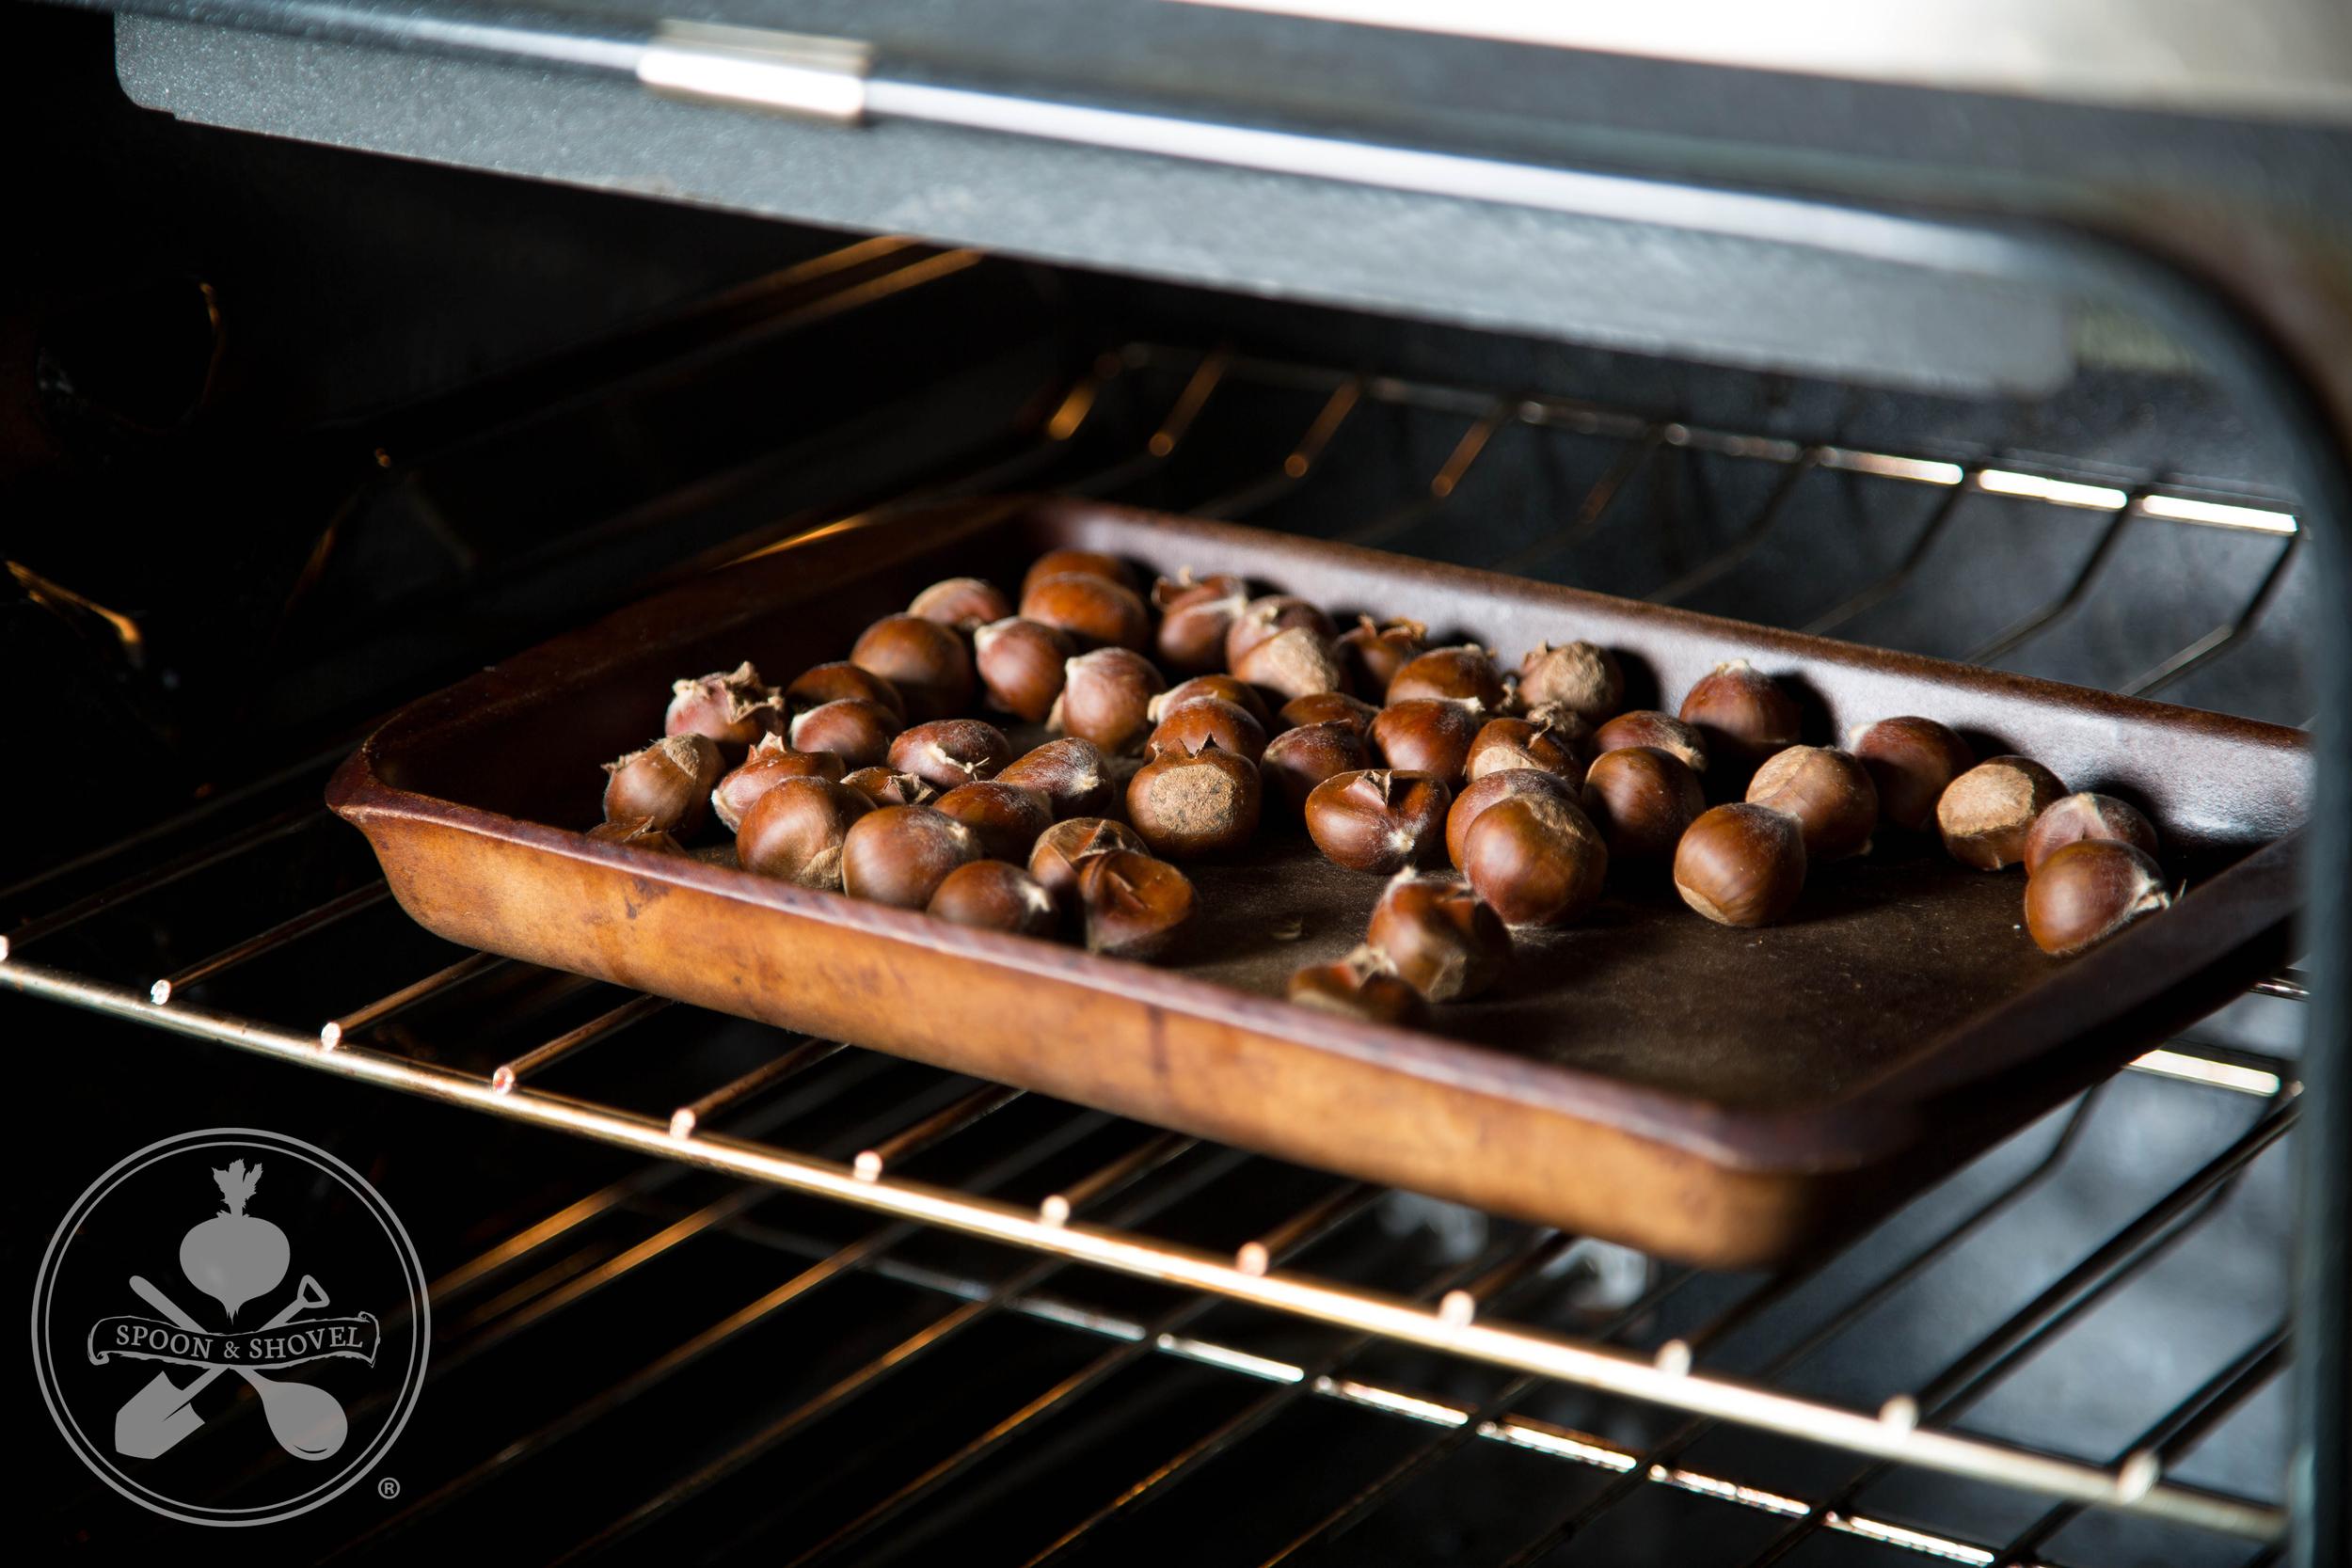 Vegan chestnut stuffing from The Spoon + Shovel